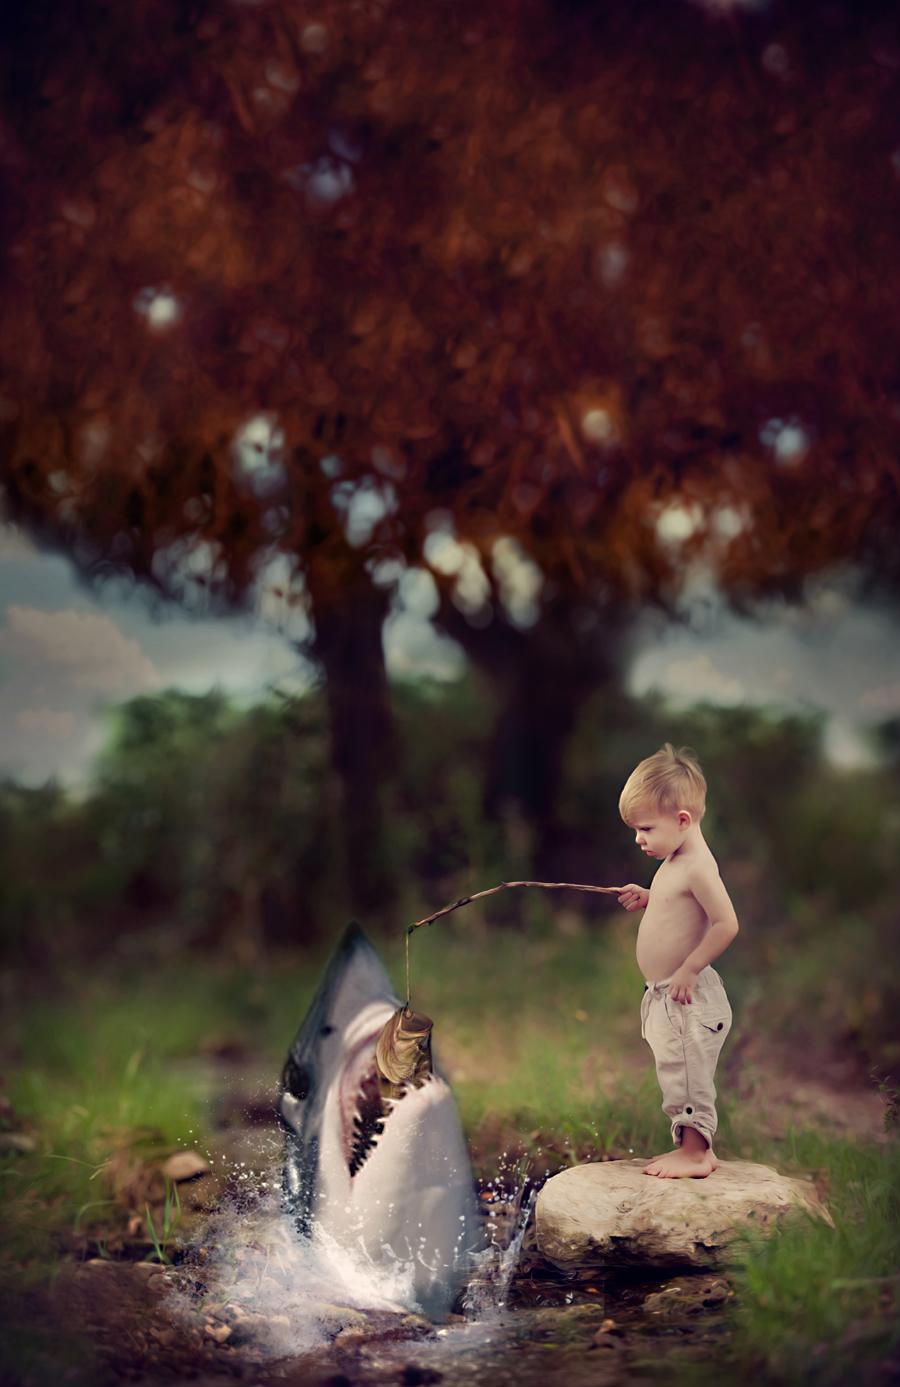 fantastici-ritratti-sogni-desideri-bambini-rhiannon-logsdon-14